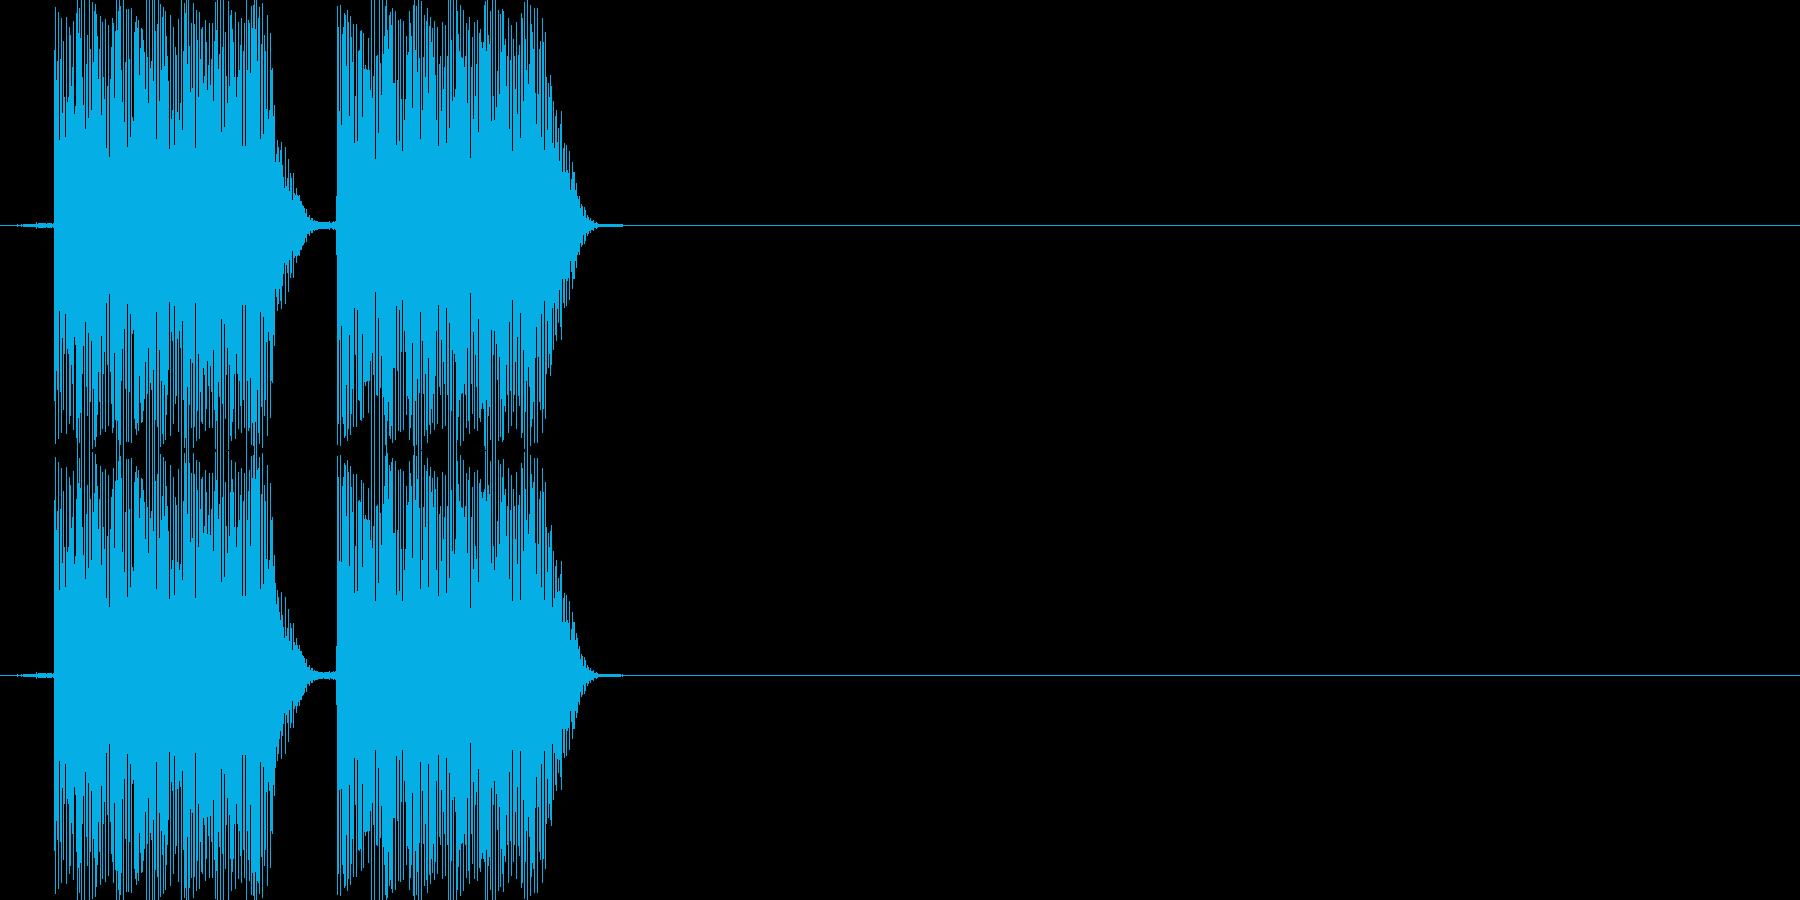 ビビッ(PC、キャンセル音)の再生済みの波形